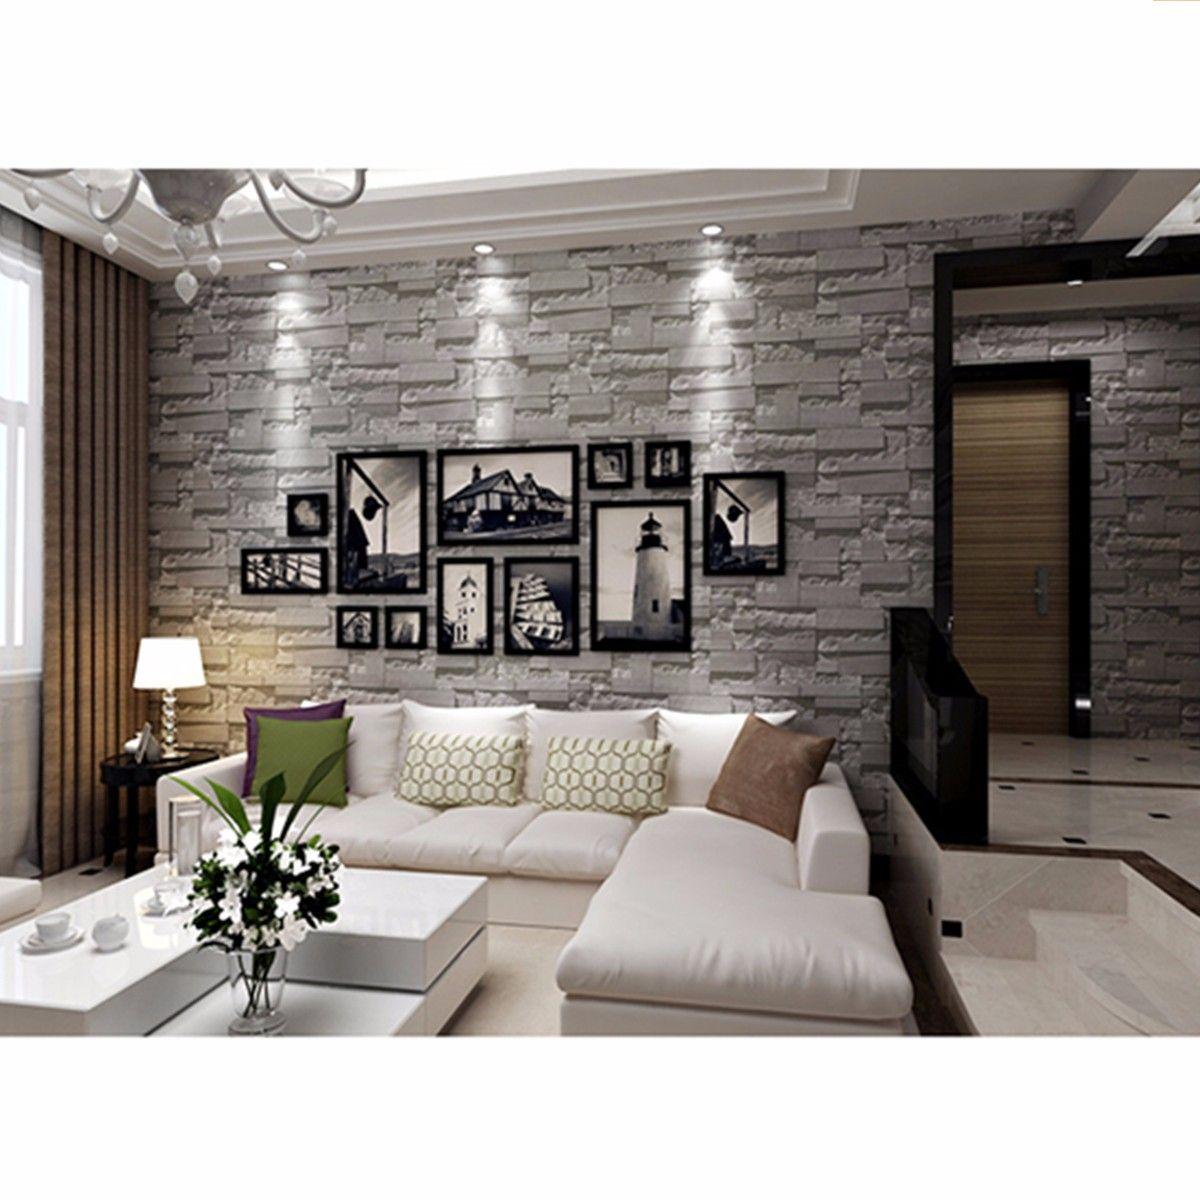 Home Improvement In 2020 Decor Fake Walls Stone Wallpaper